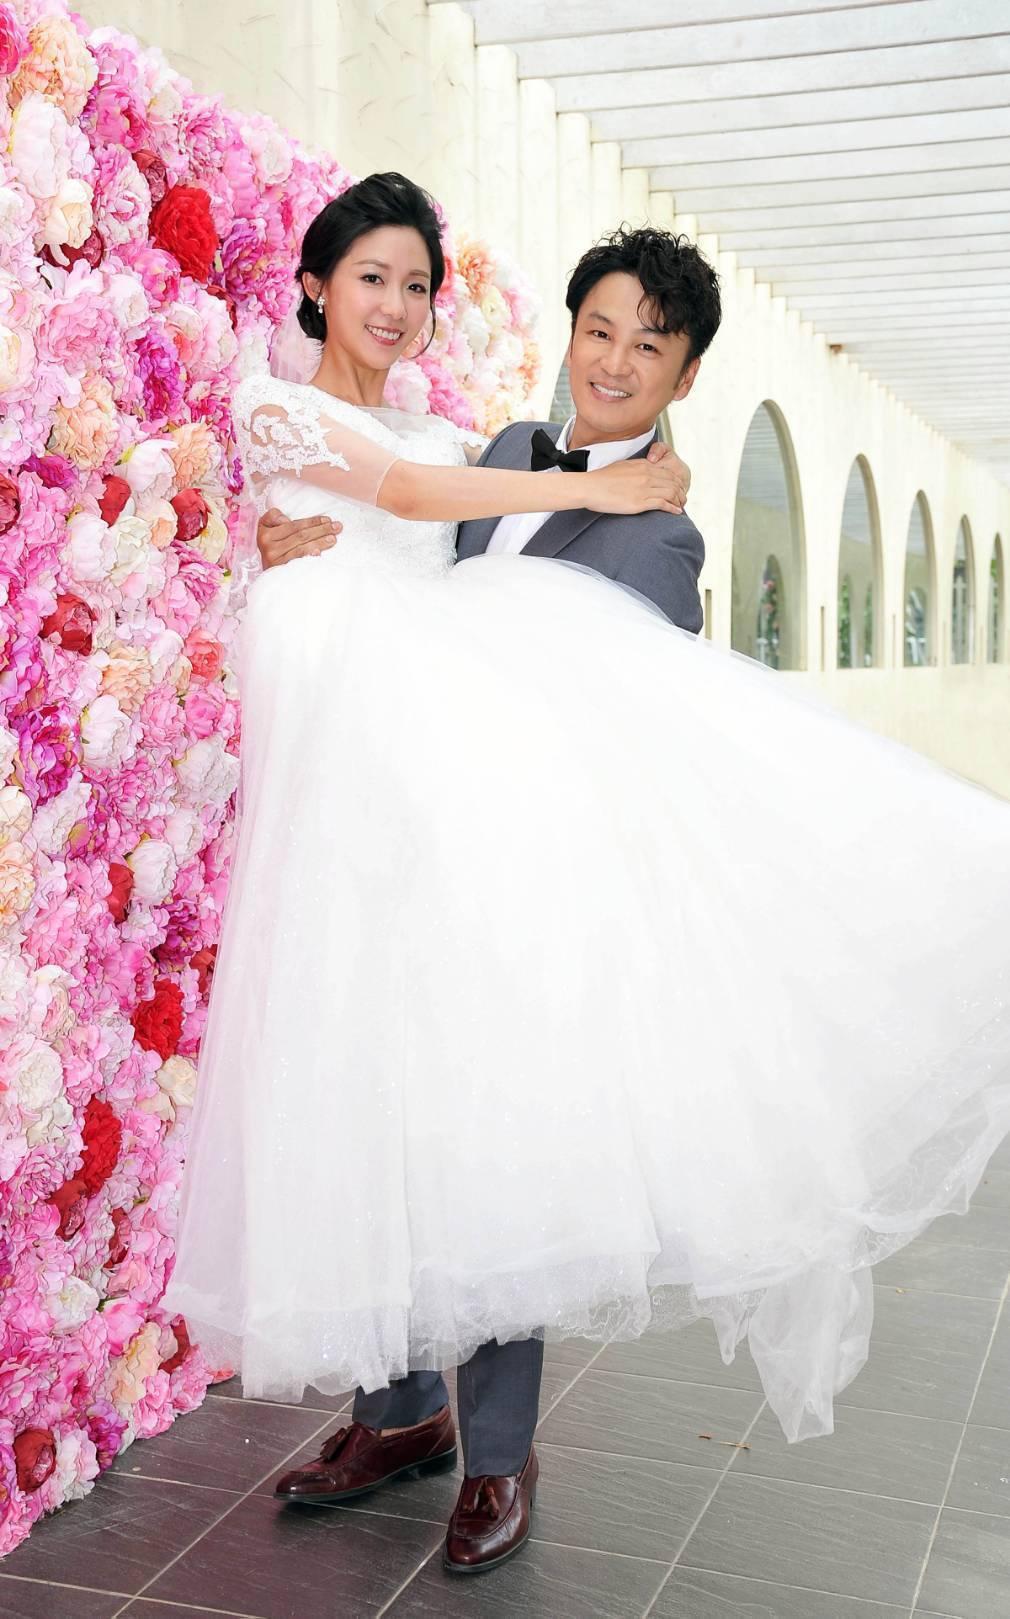 安唯綾(左)與張書偉在「情.份」中上演婚戶外婚禮戲。圖/台視提供